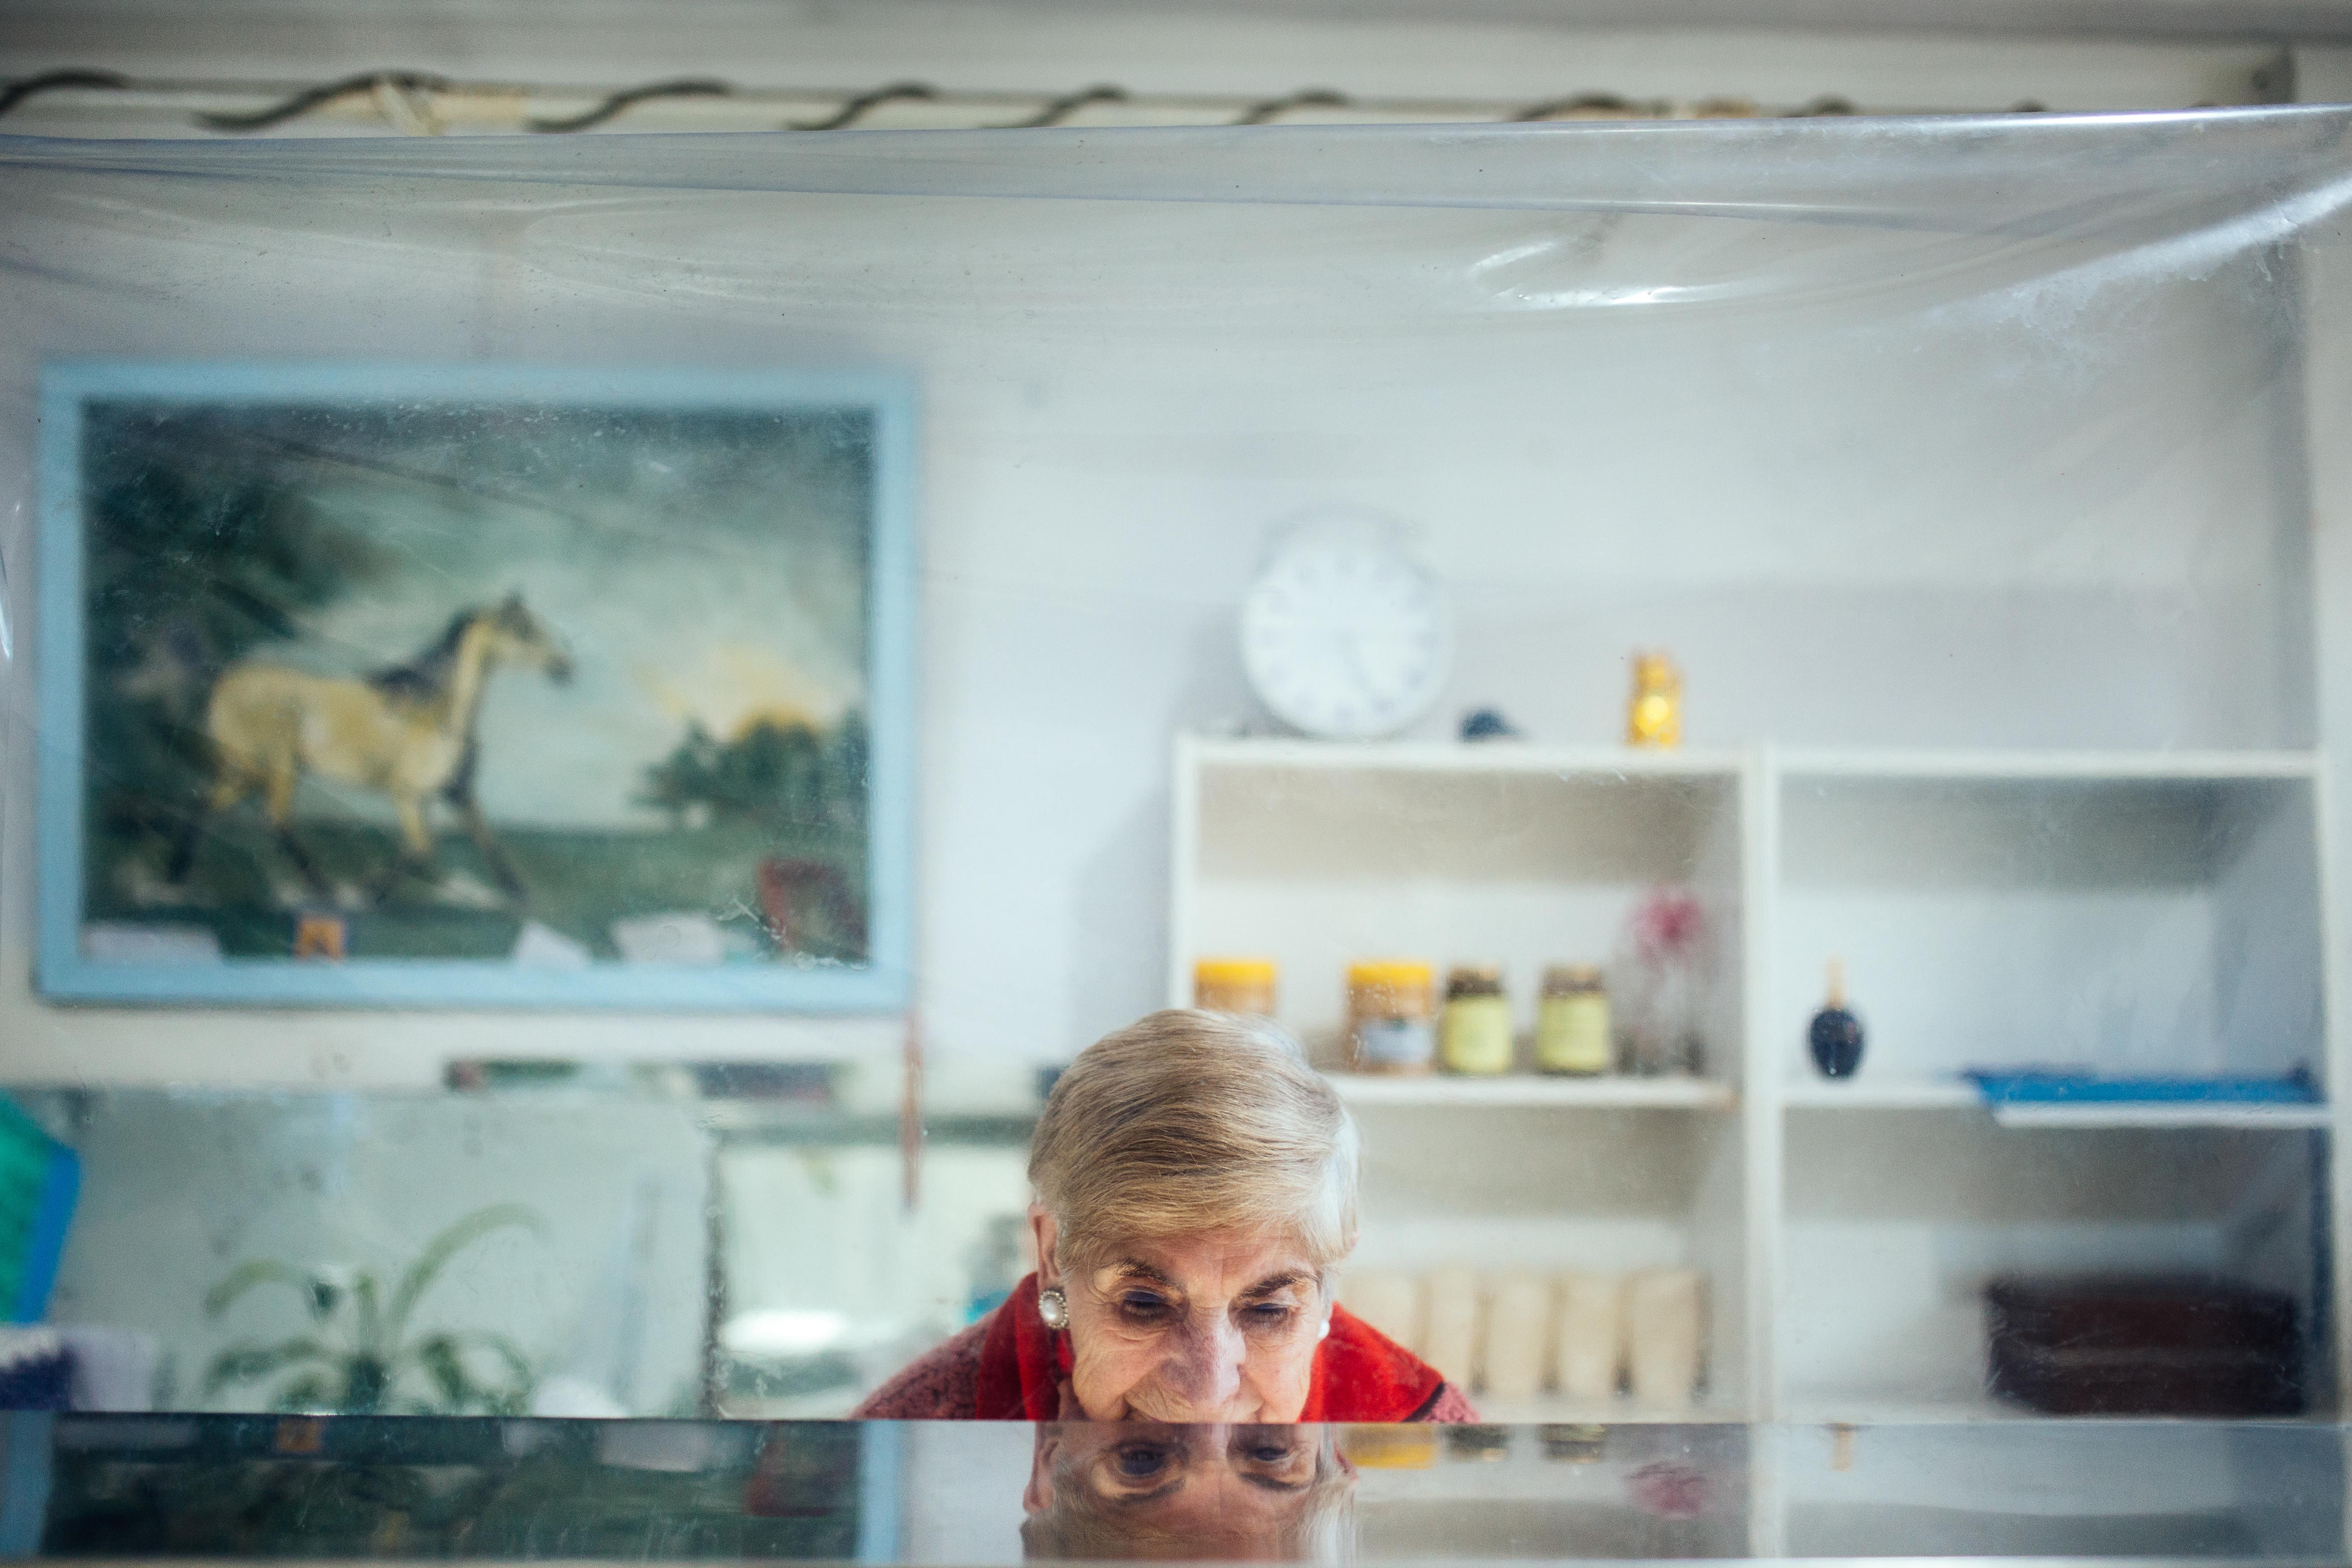 Carola, entre el plástico y la pared, Dafna Szleifer